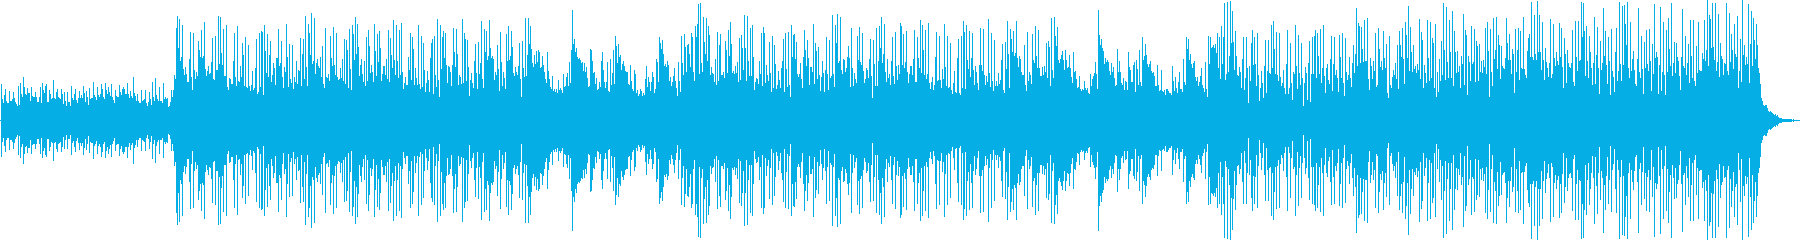 優しく遊び心のあるストリングスの再生済みの波形